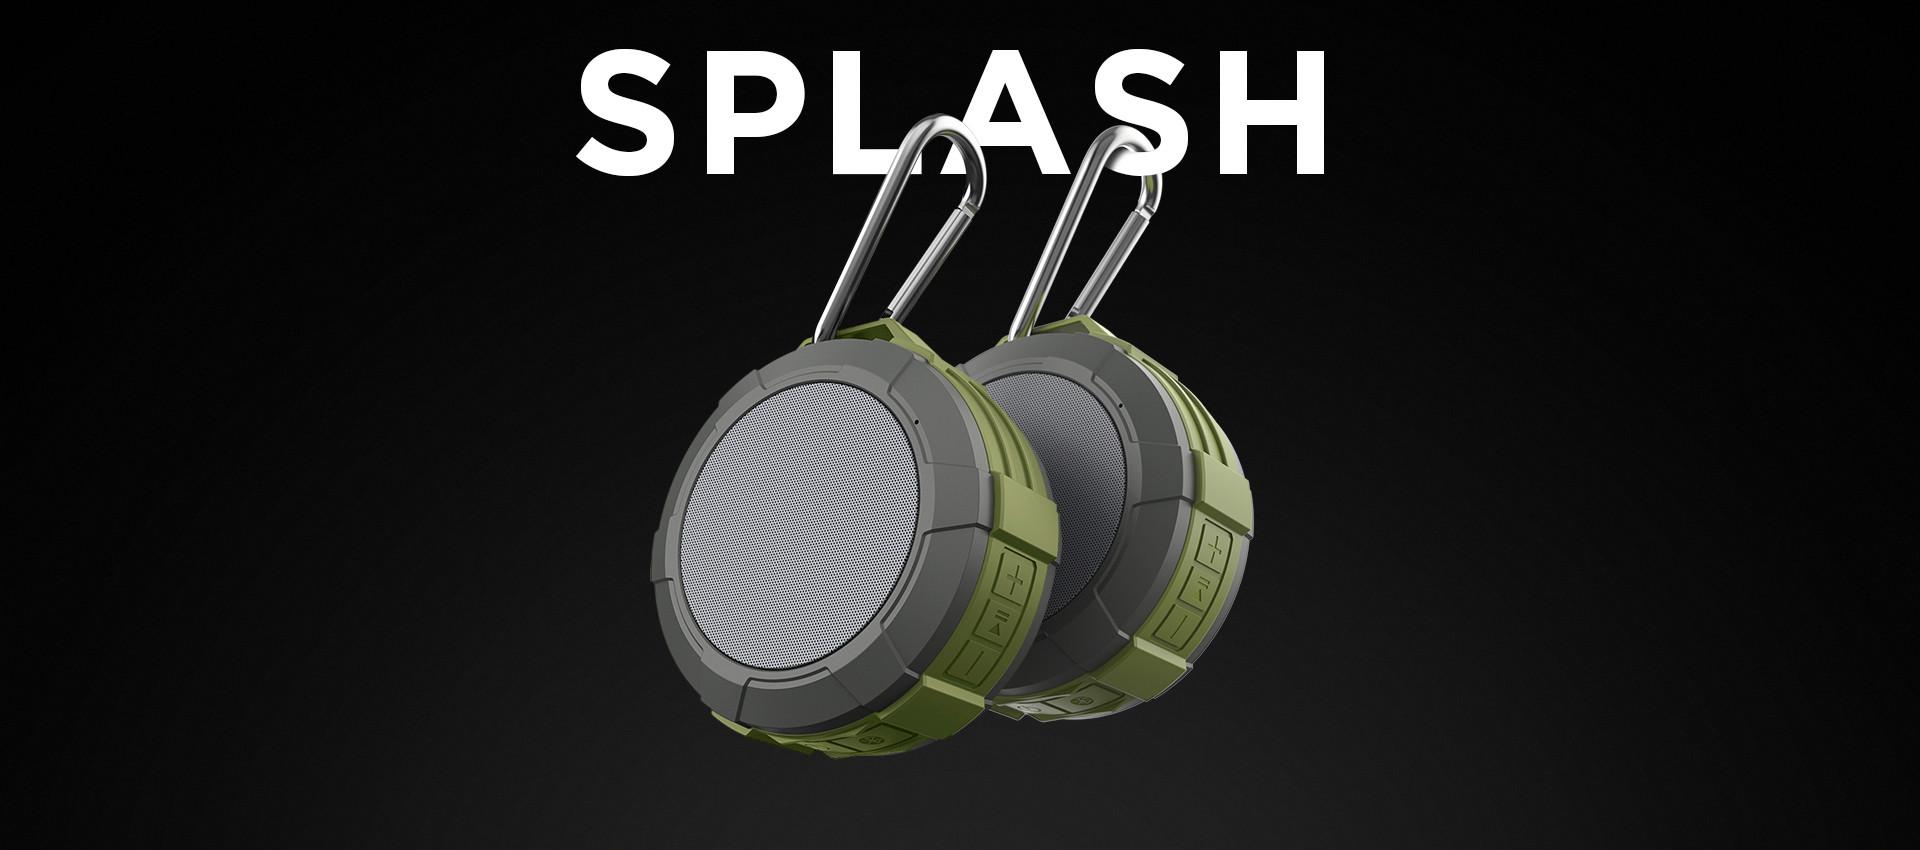 Splash-Wix-Main_02-(3).jpg